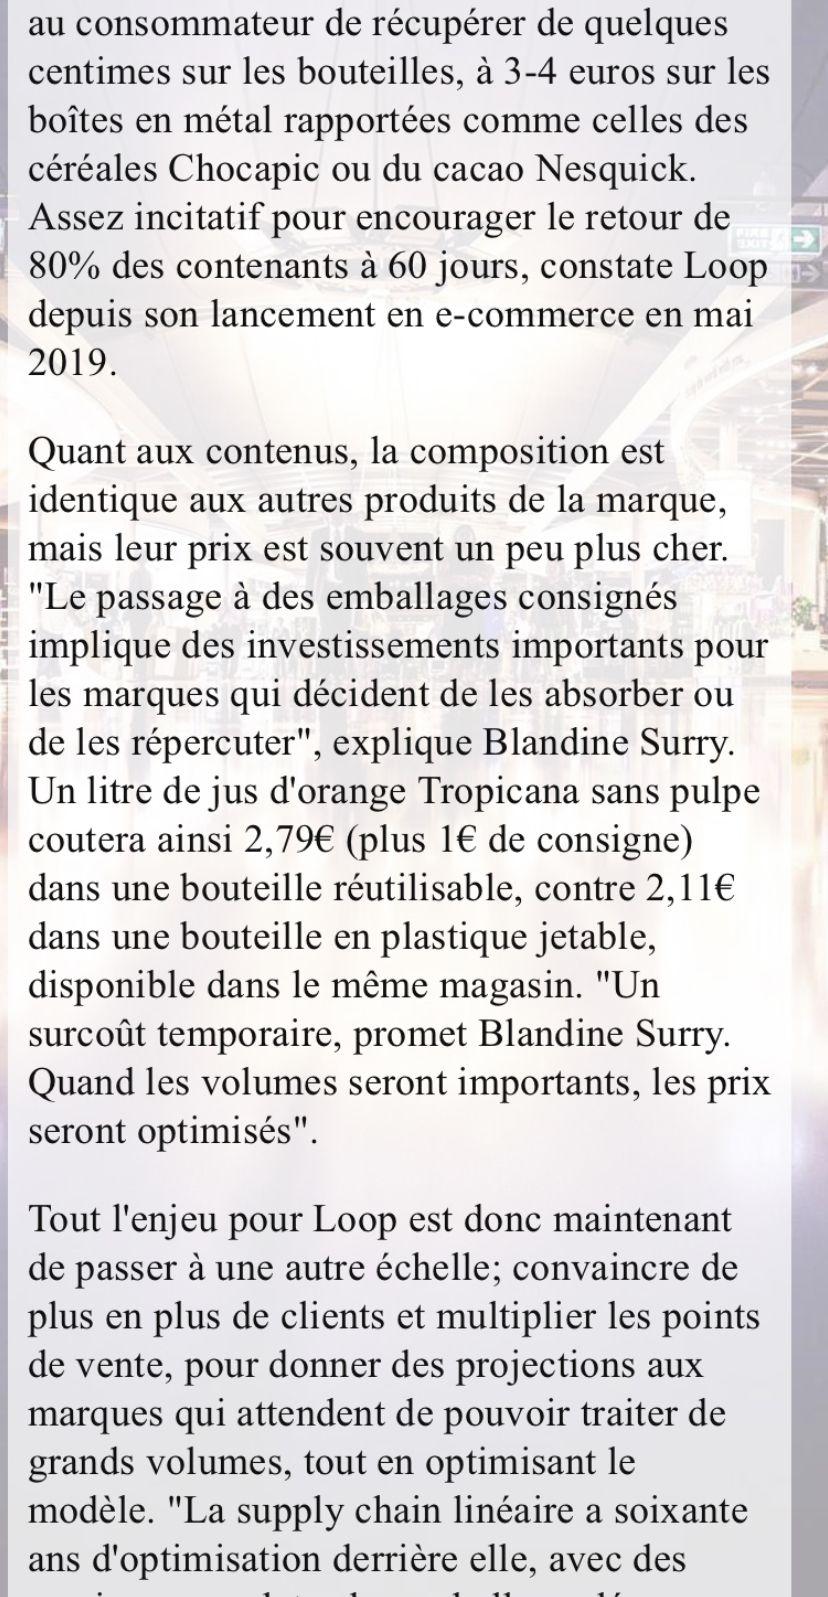 Économie circulaire :grâce à Carrefour,Loop passe du e-commerce aux magasins parisiens